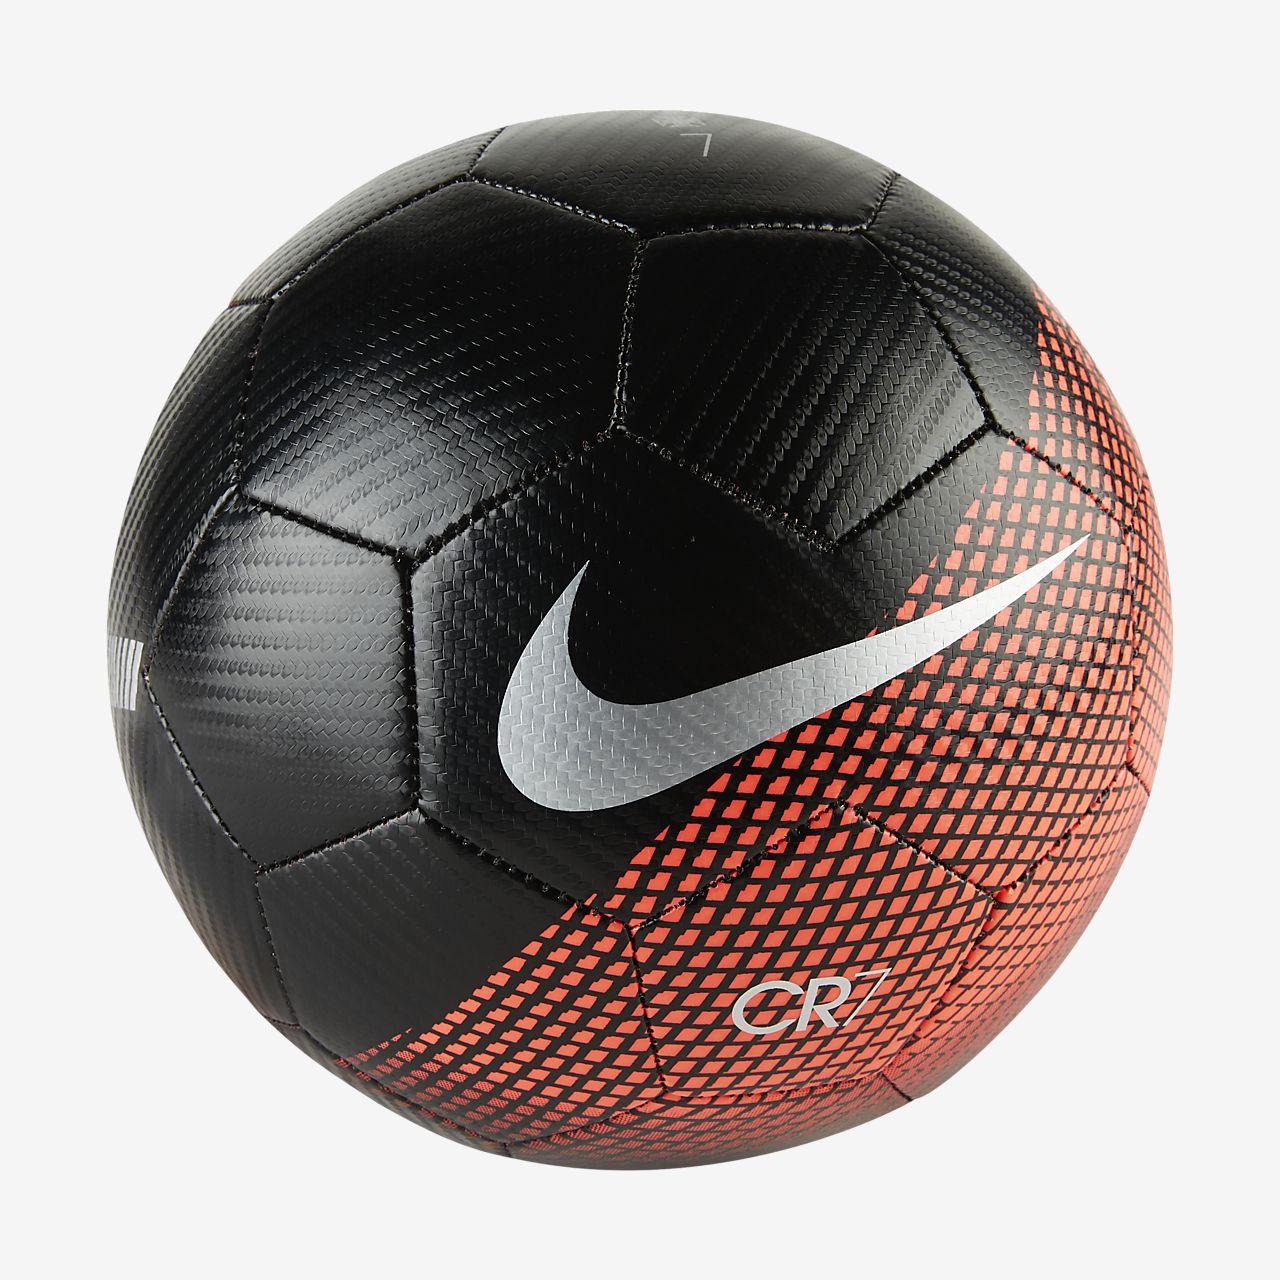 eb26a3508de60 Nike CR7 Prestige Balón de fútbol. Nike.com ES